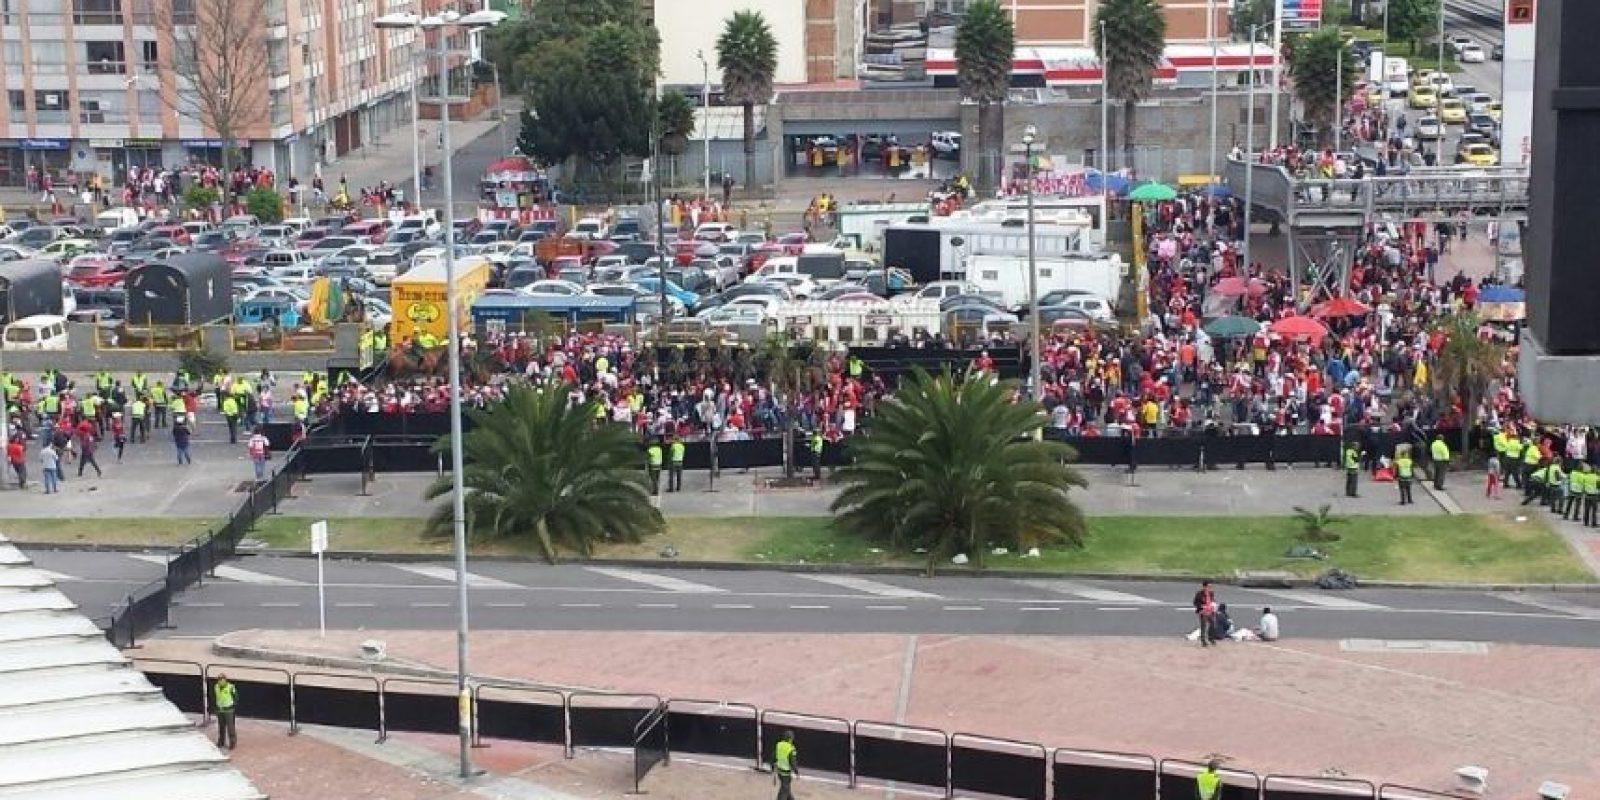 Largas filas de hinchas todavía se hacen notorias en las entradas para ingresar al Estadio El Campín Foto:Miguel Ruiz – Publimetro